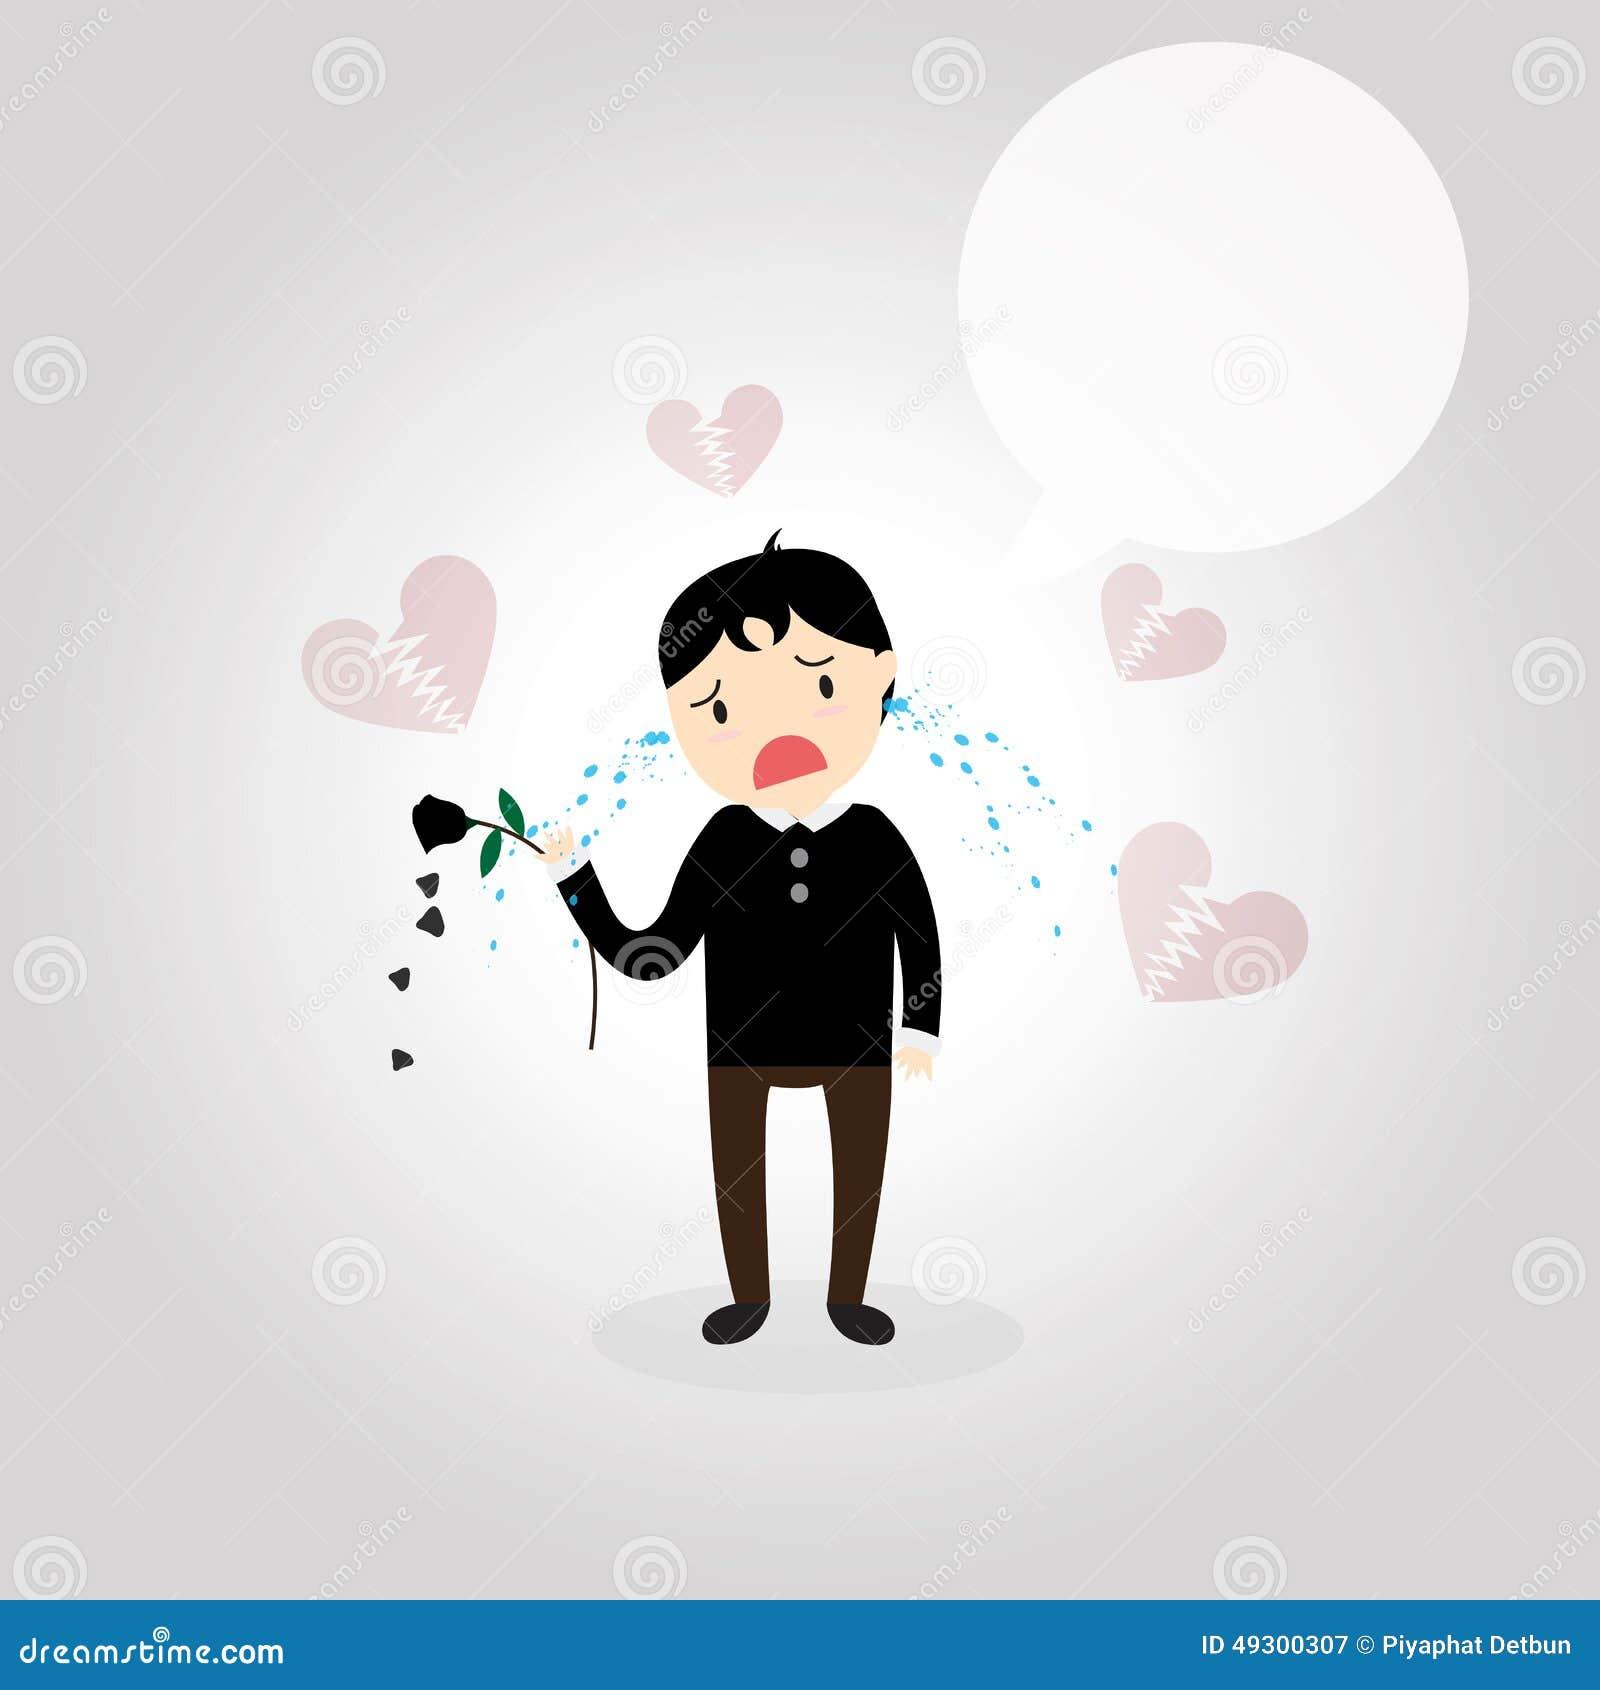 Heartbroken Stock Vector Illustration Of Sadly Heart 49300307